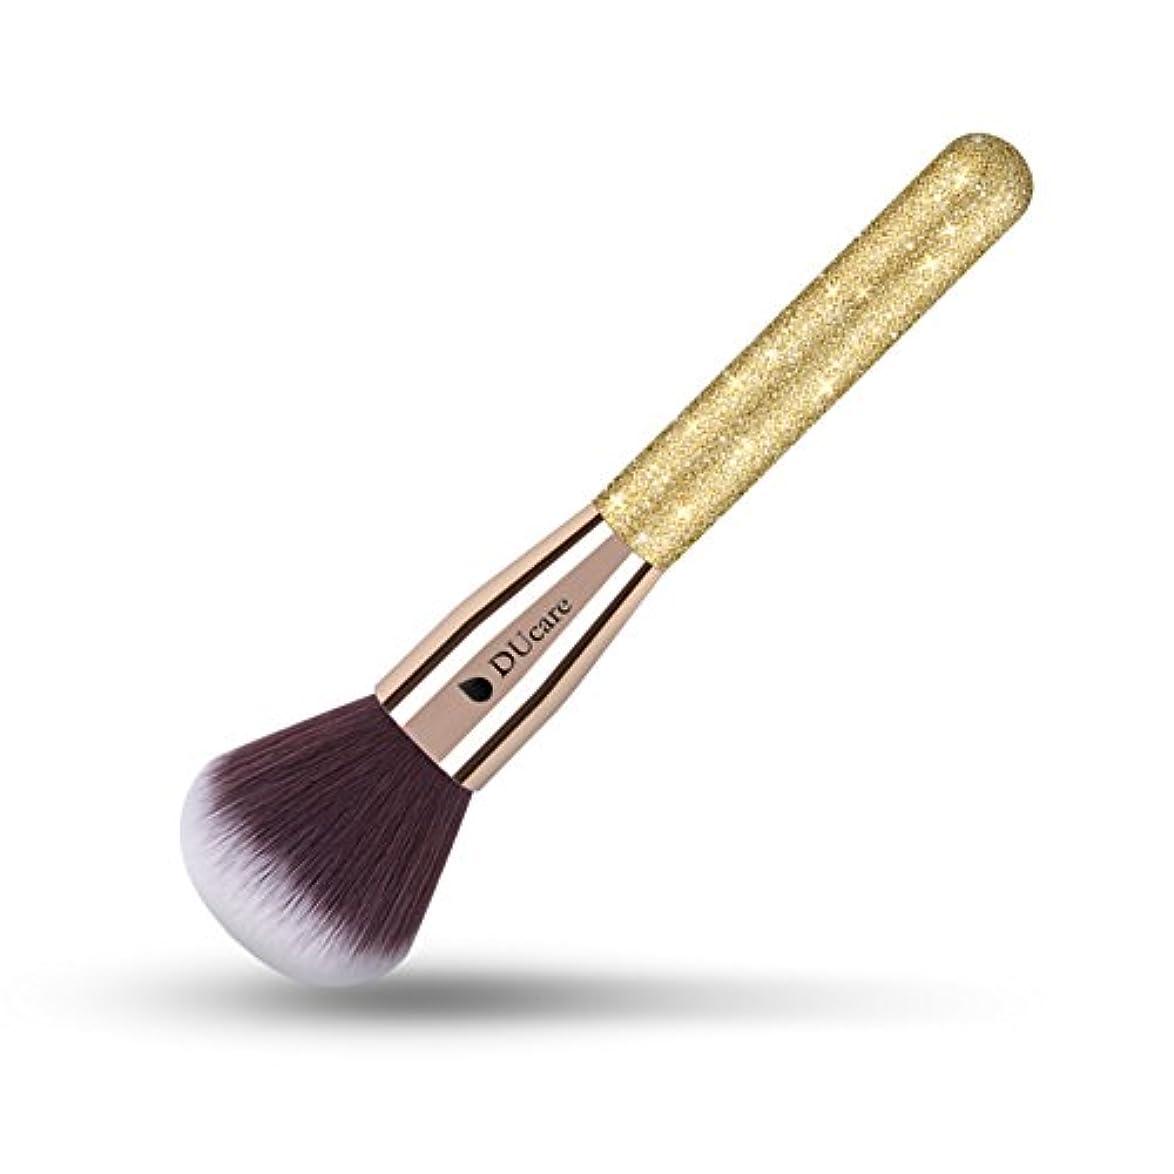 を必要としています宿るアルファベット順DUcare ドゥケア 化粧筆 フェイスブラシ パウダー&チークブラシ (1本, ゴールデン) 同じシリーズでファンデーションブラシ、フィニッシングブラシあり